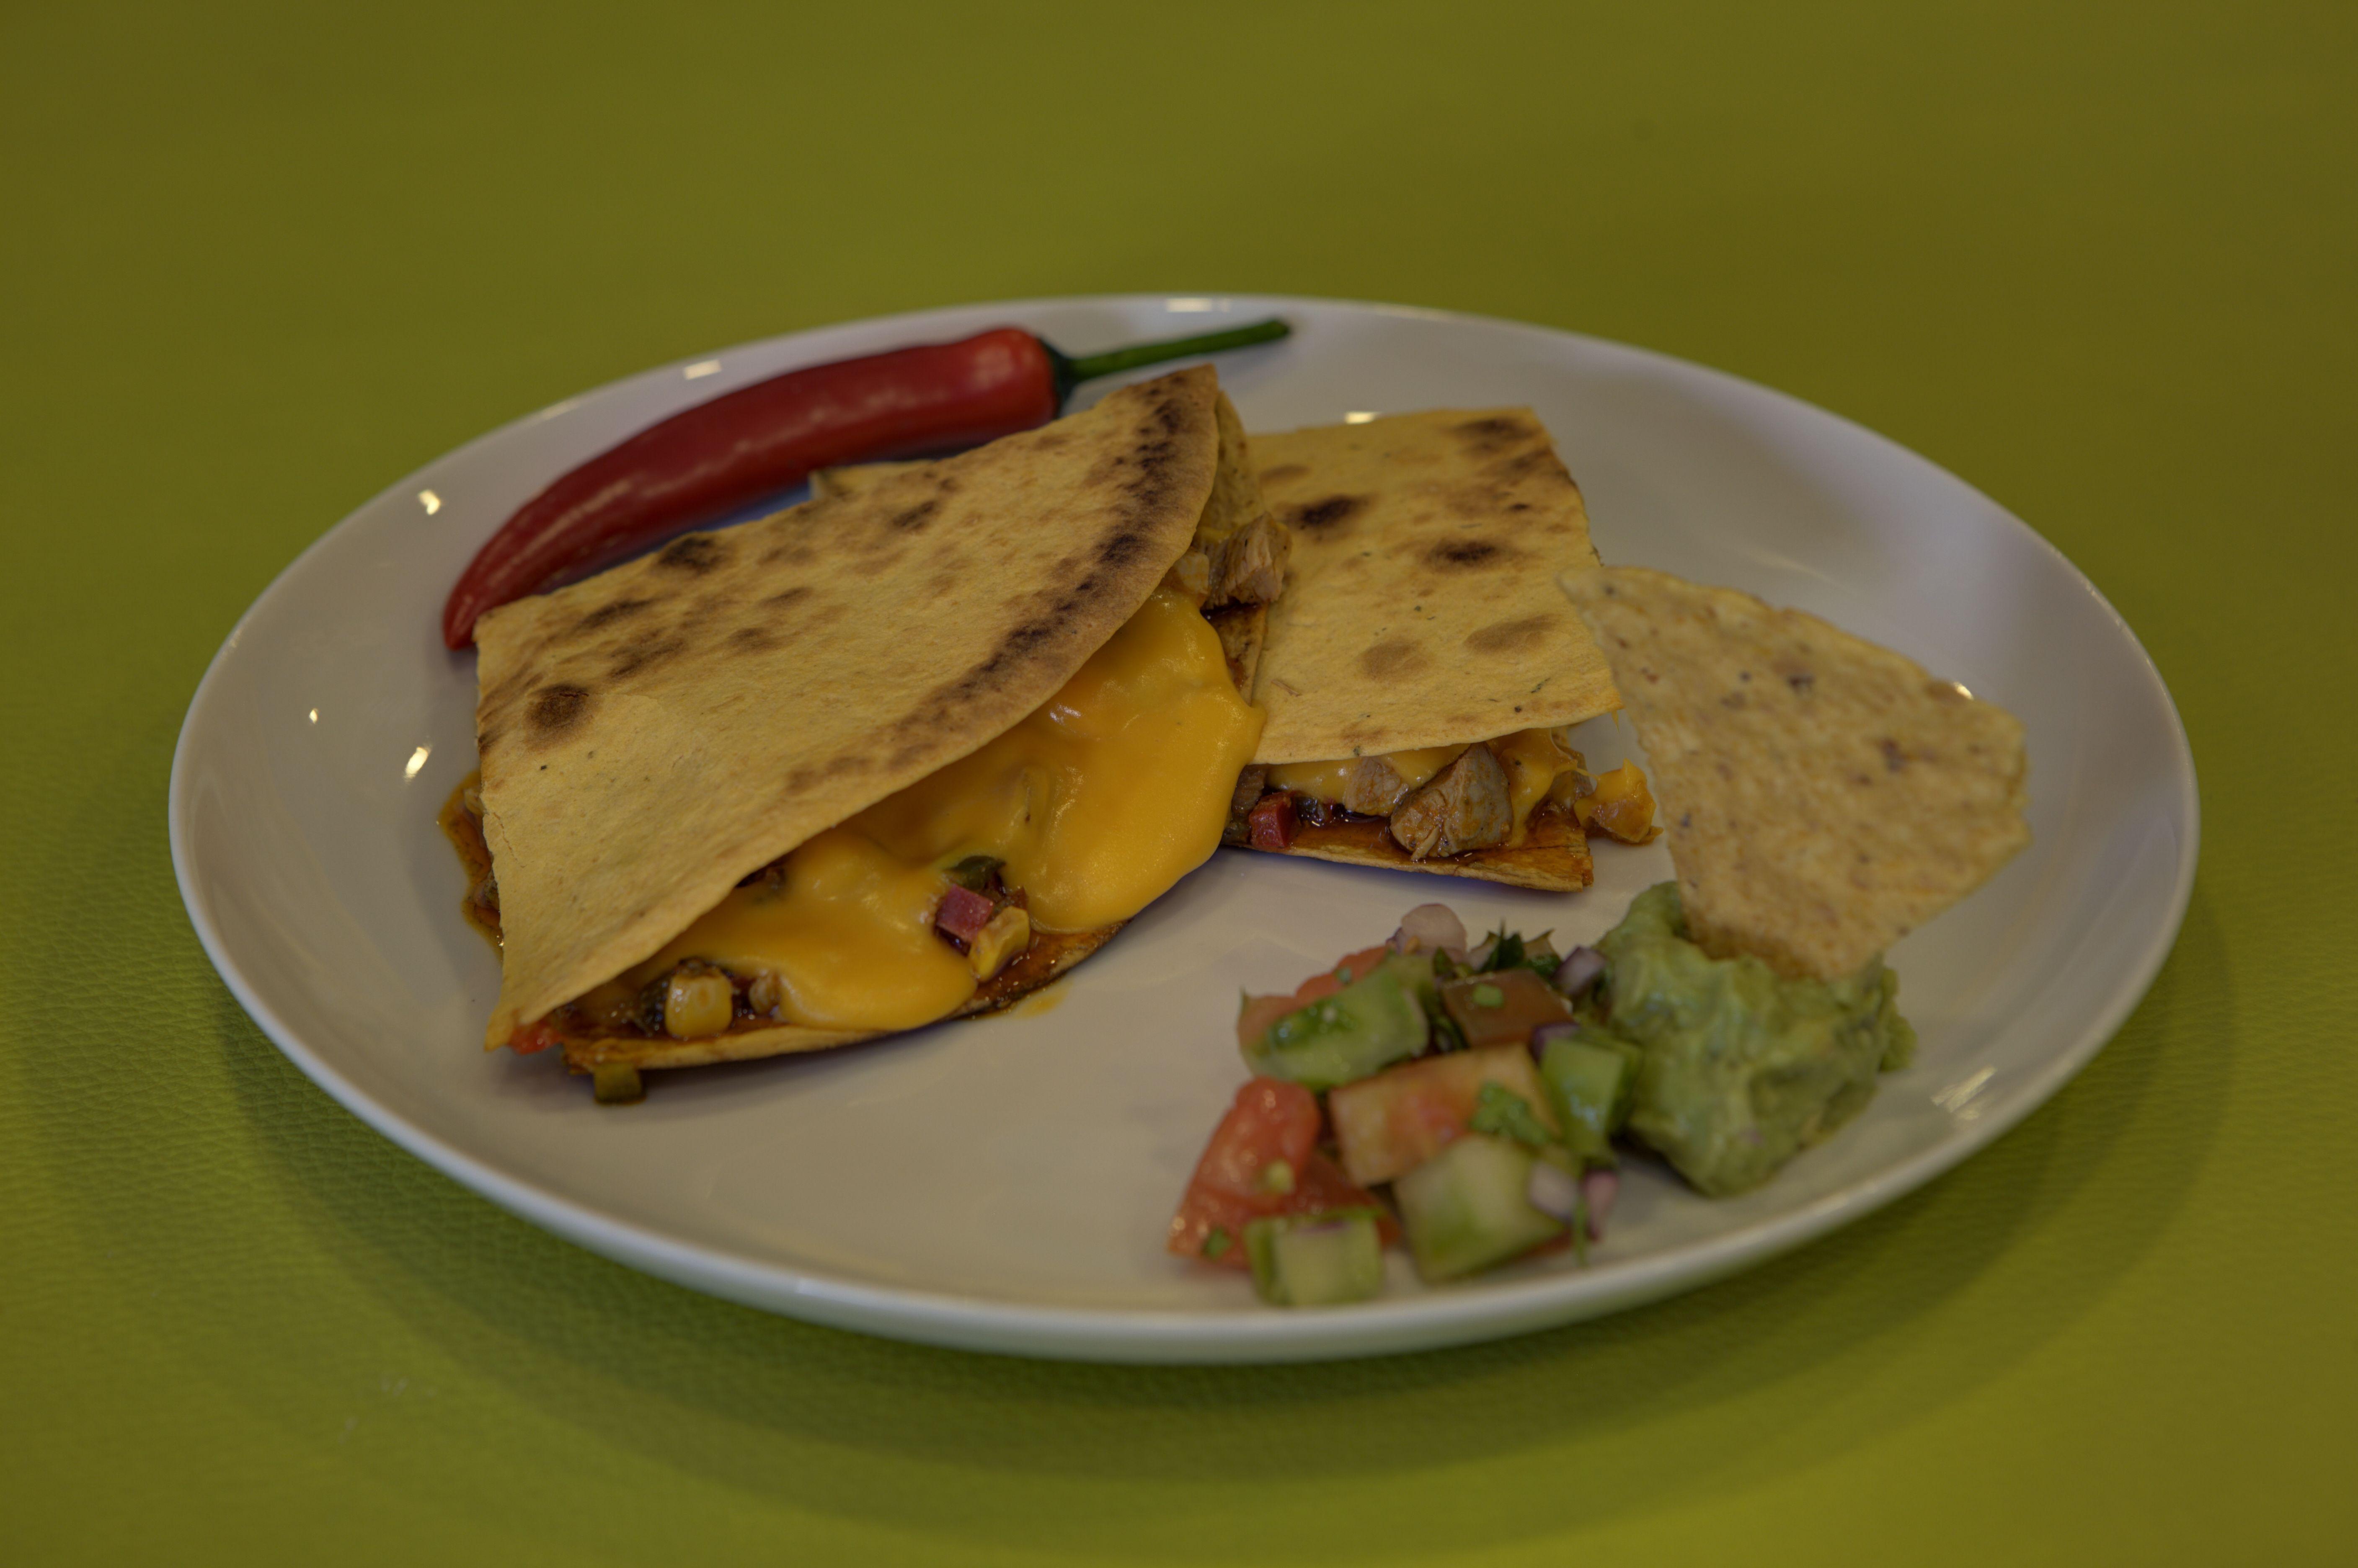 Comida mexicana a domicilio en Palma de Mallorca